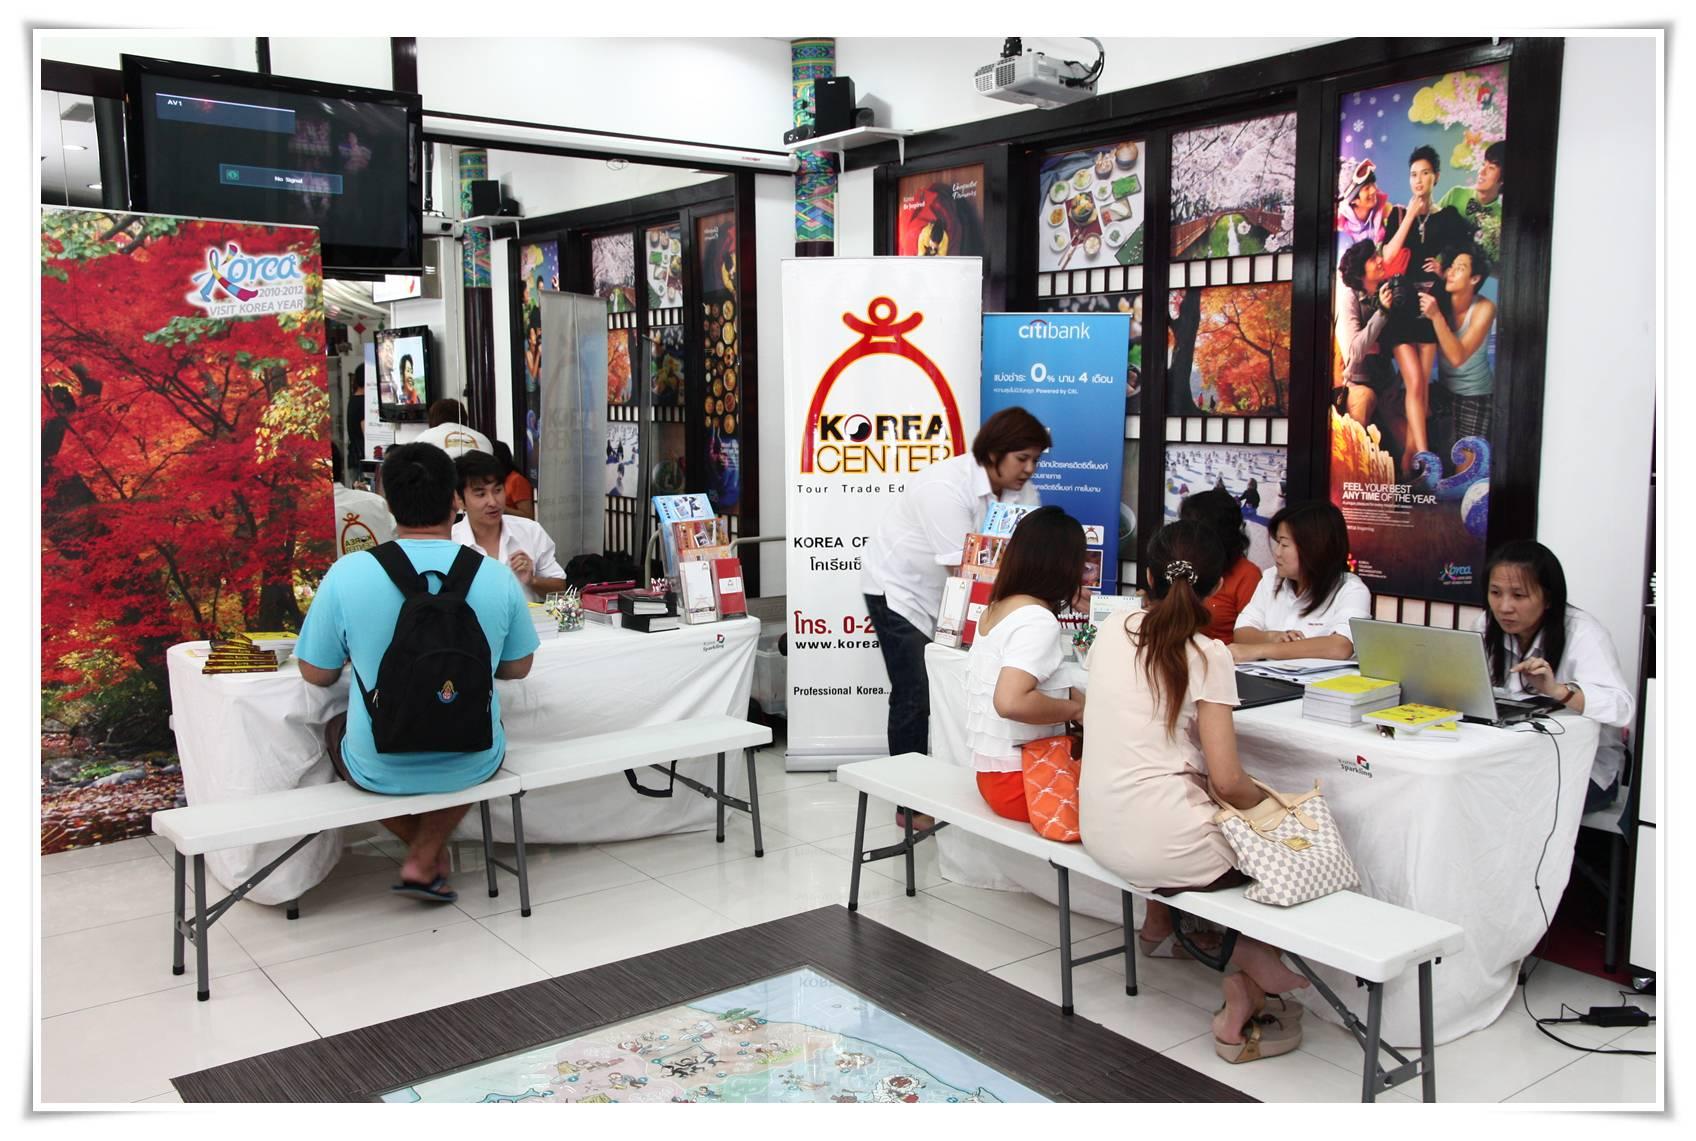 ทัวร์เกาหลี,เที่ยวเกาหลี,เกาหลี,ทัวร์,กรุ๊ปทัวร์,แพ็คเกจทัวร์,โรงแรม,ล่าม,มัคคุเทศก์,ตั๋วเครื่องบิน,การท่องเที่ยว, TourKorea,Tour,Travel Korea,Travel,Group Tour,Package Tour,Guide,Interpreter,Ticket Airway,Ticket Air lane,สกีรีสอร์ท,ยงเพียง,Autumn